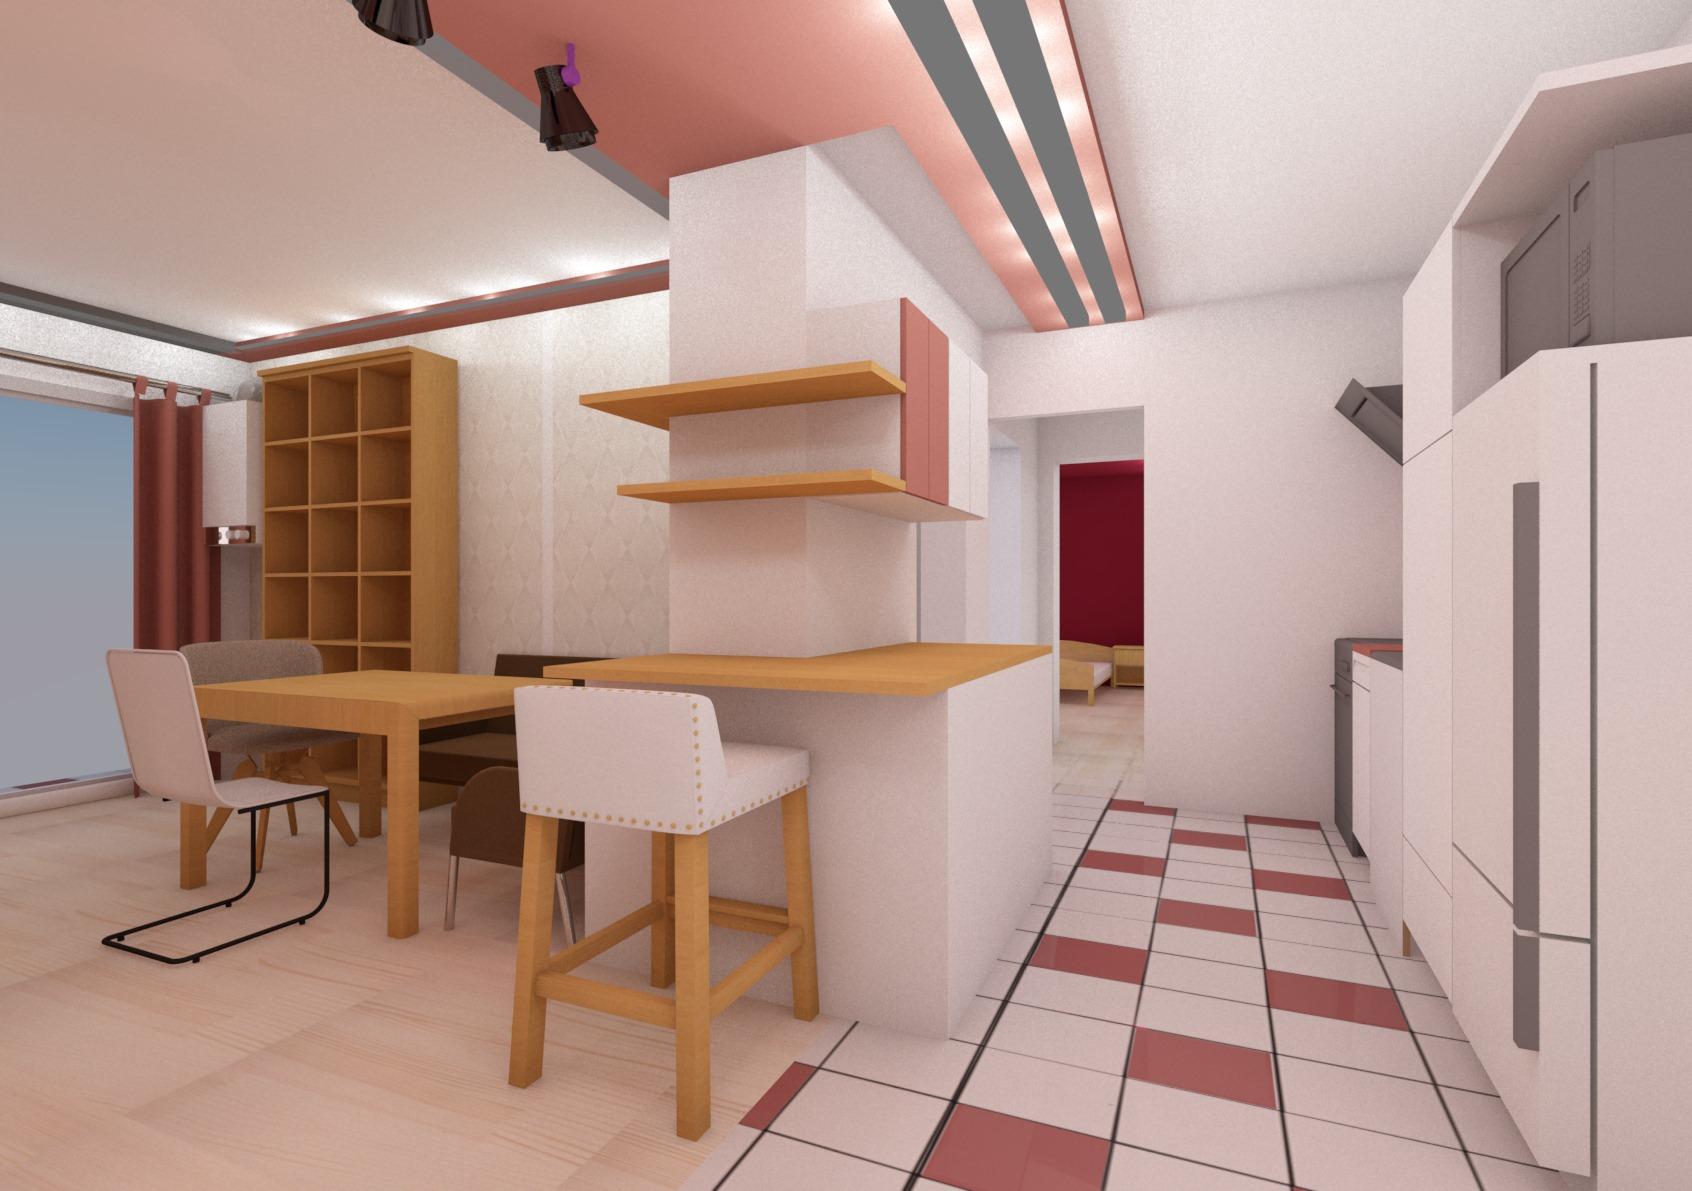 Innengestalltung, Innenausbau, Innenarchitektur, wohnzimmer, Küche, Esszimmer, Bar, Barhocker